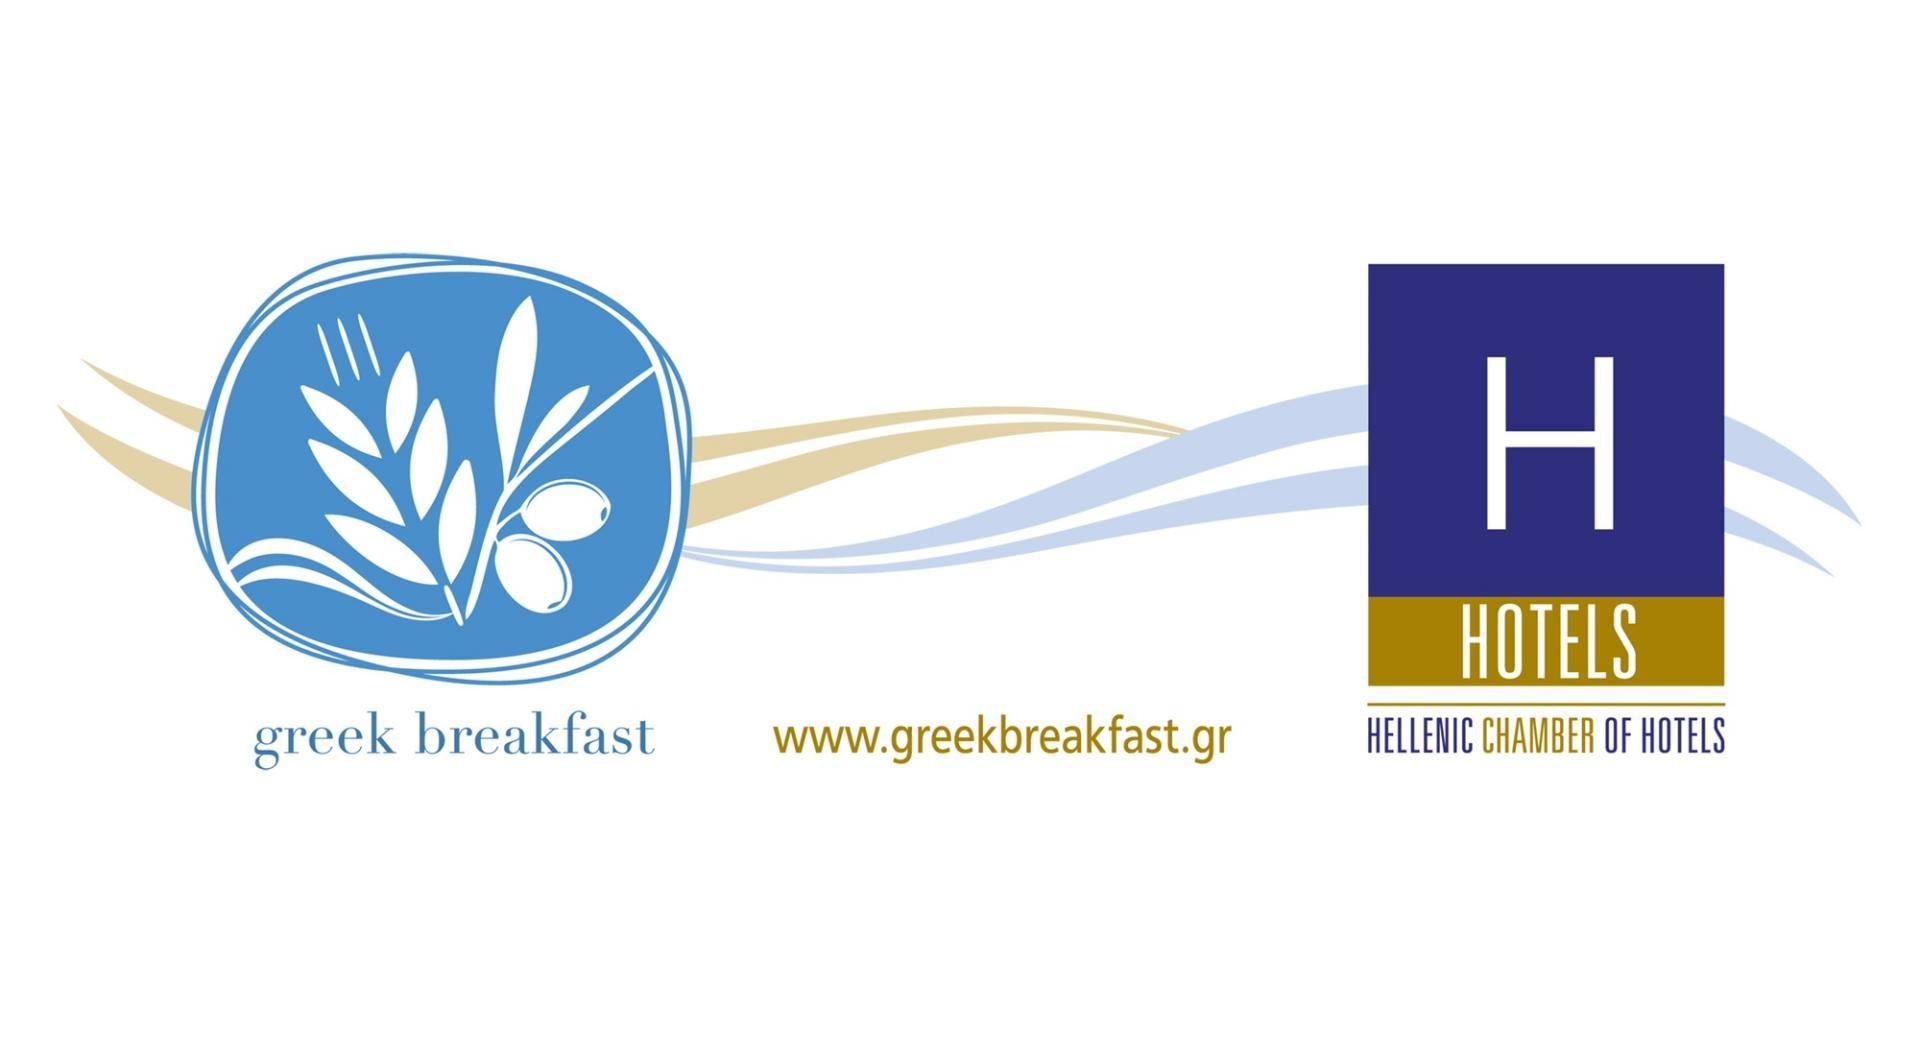 greek-breakfast-logo-huge